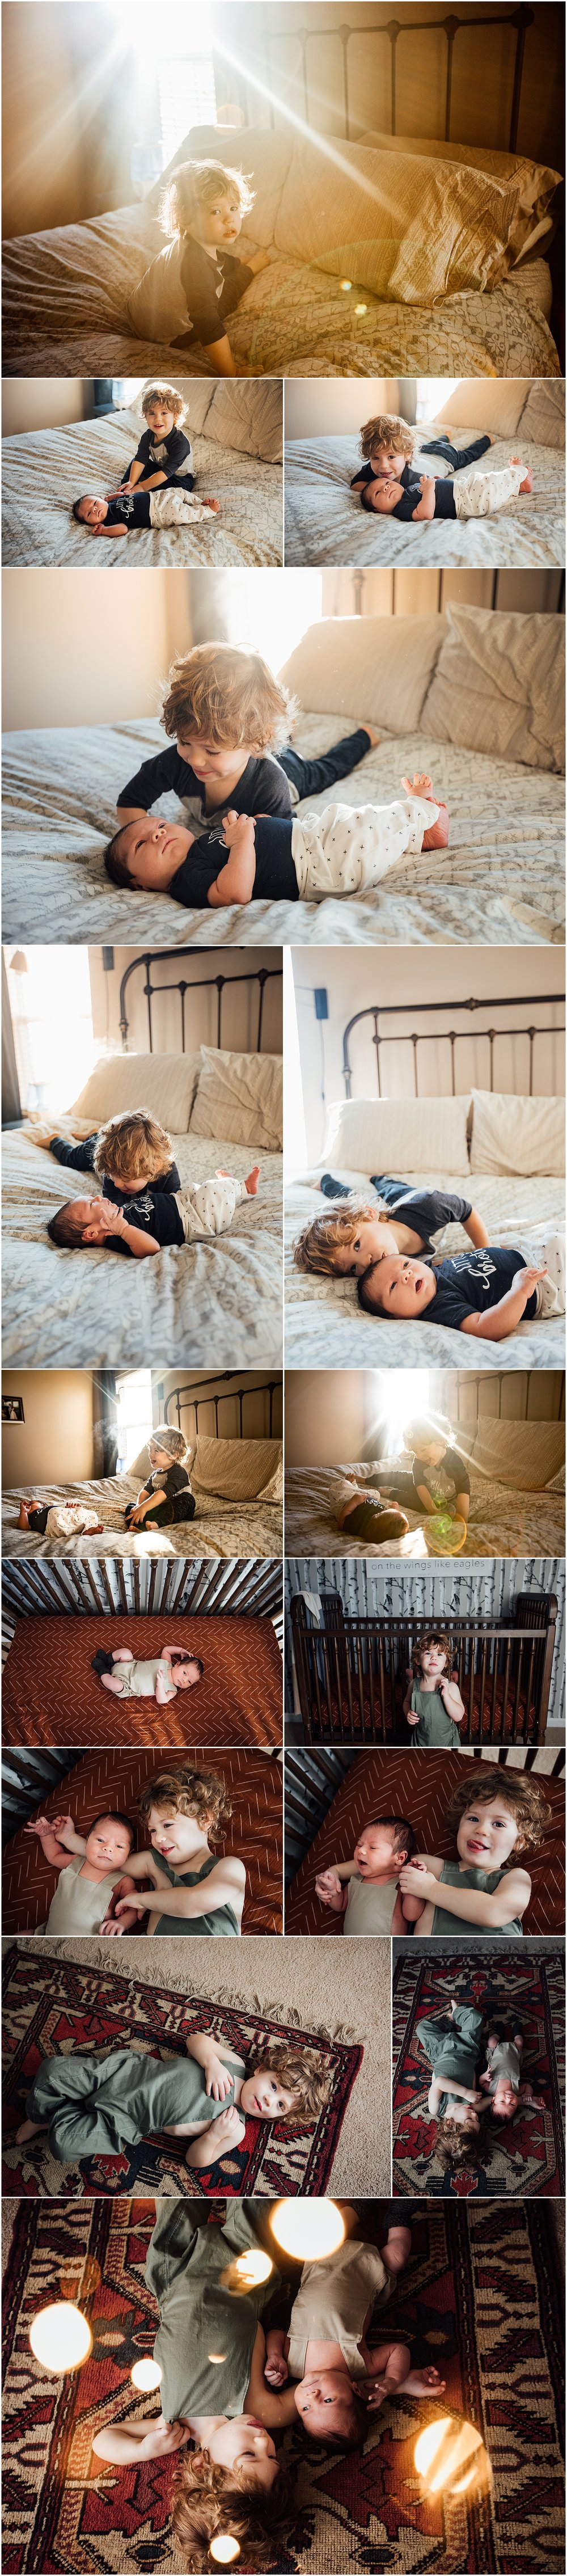 Huntsville newborn and Family photographer